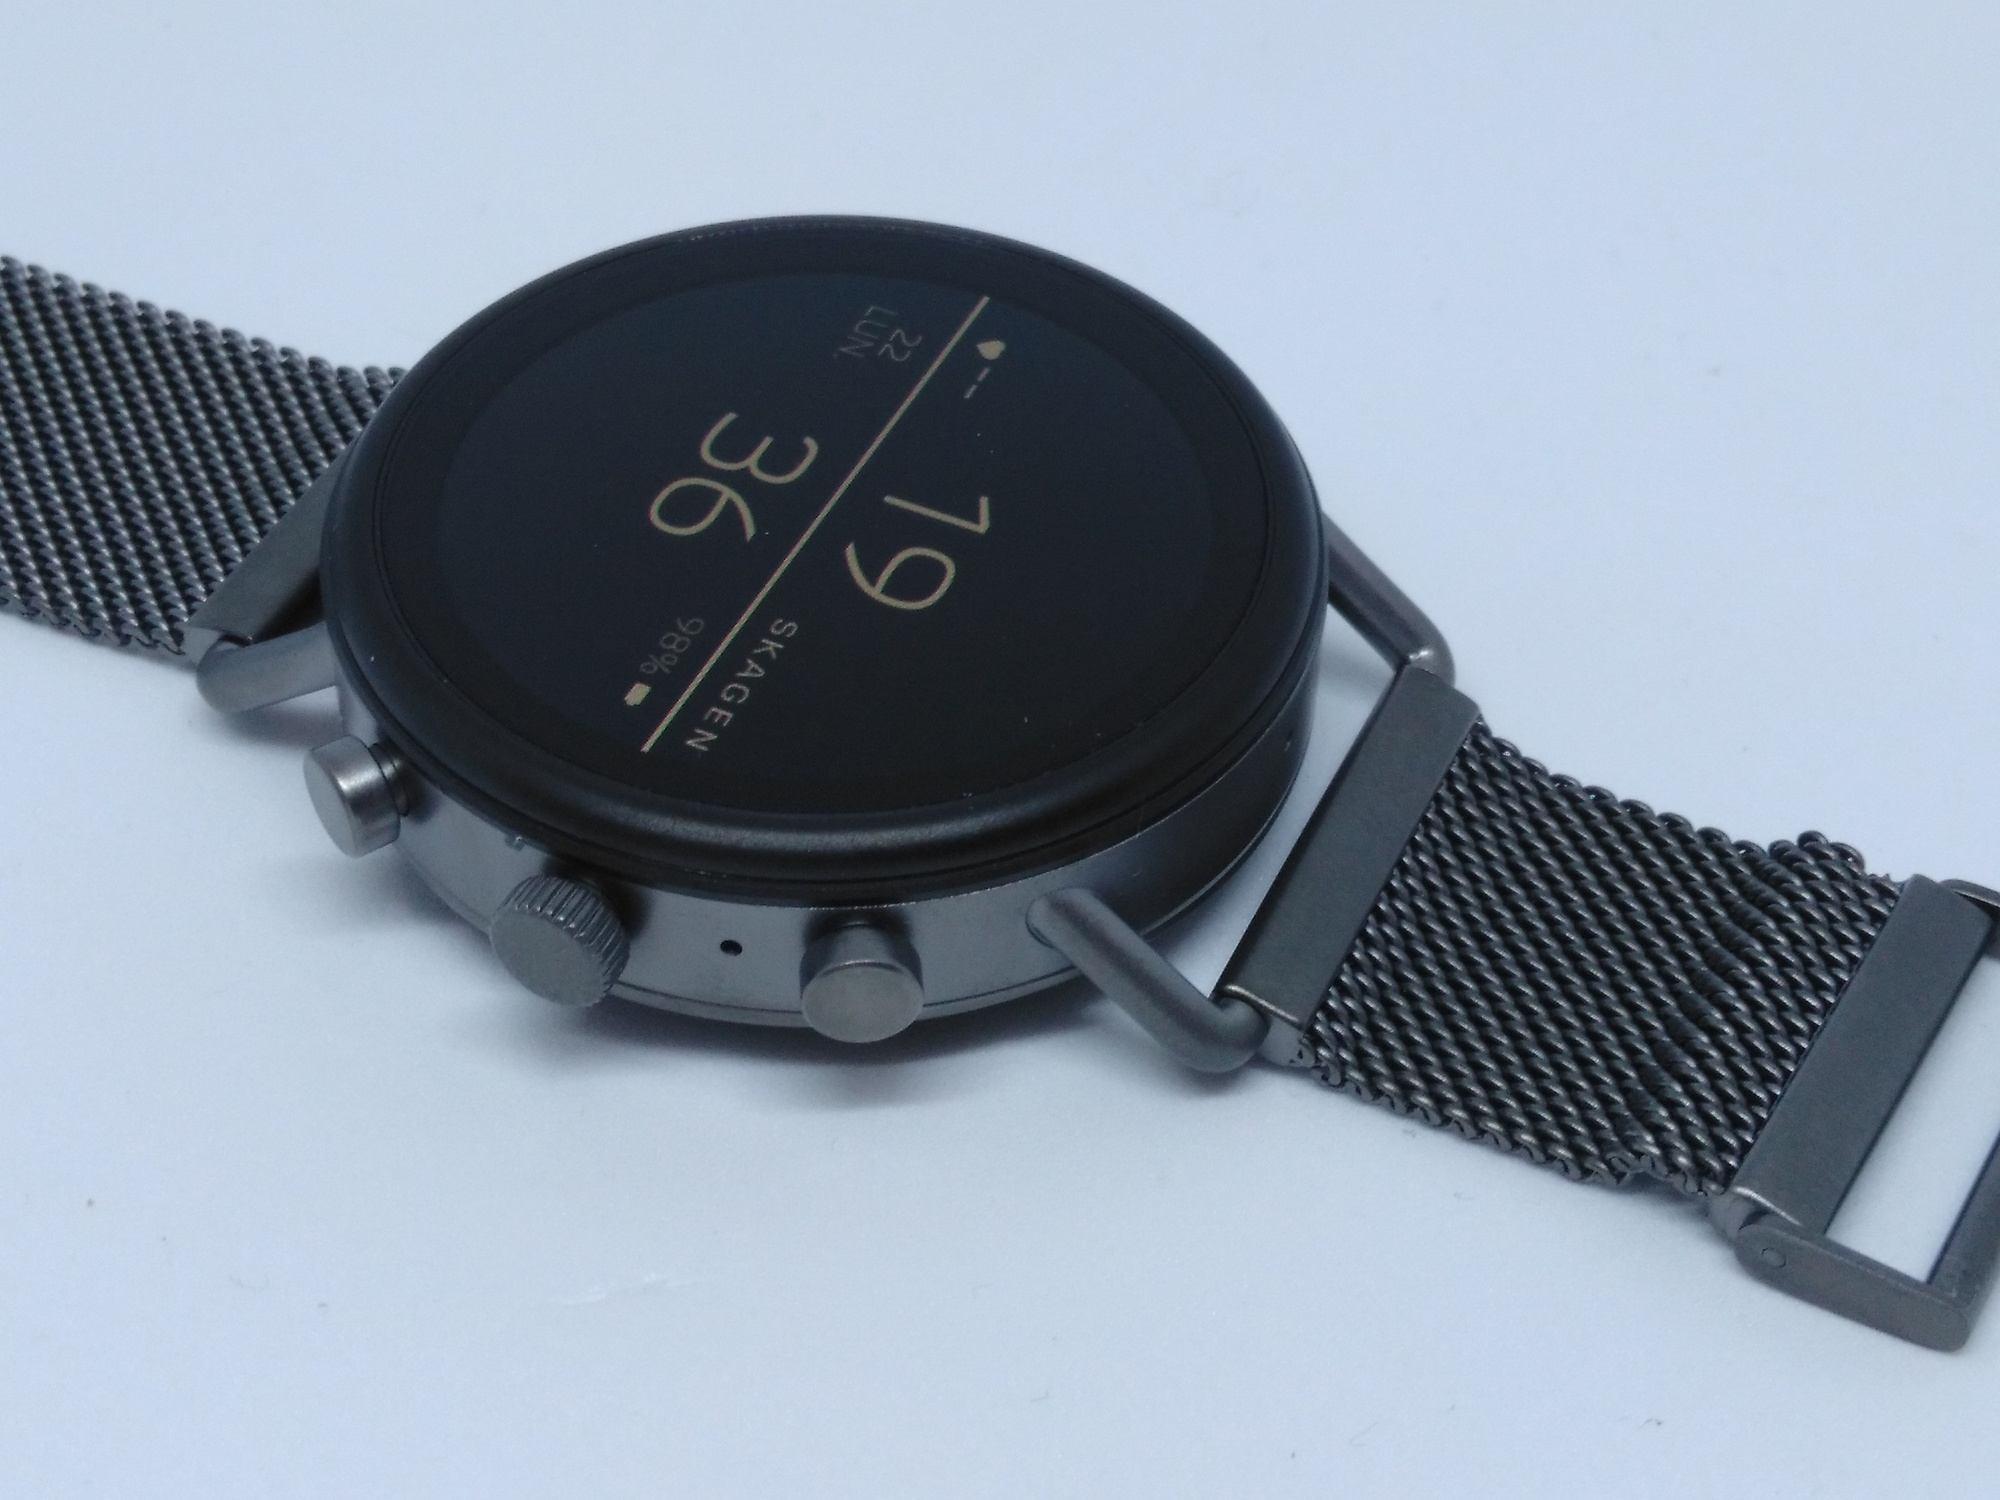 La montre et son affichage